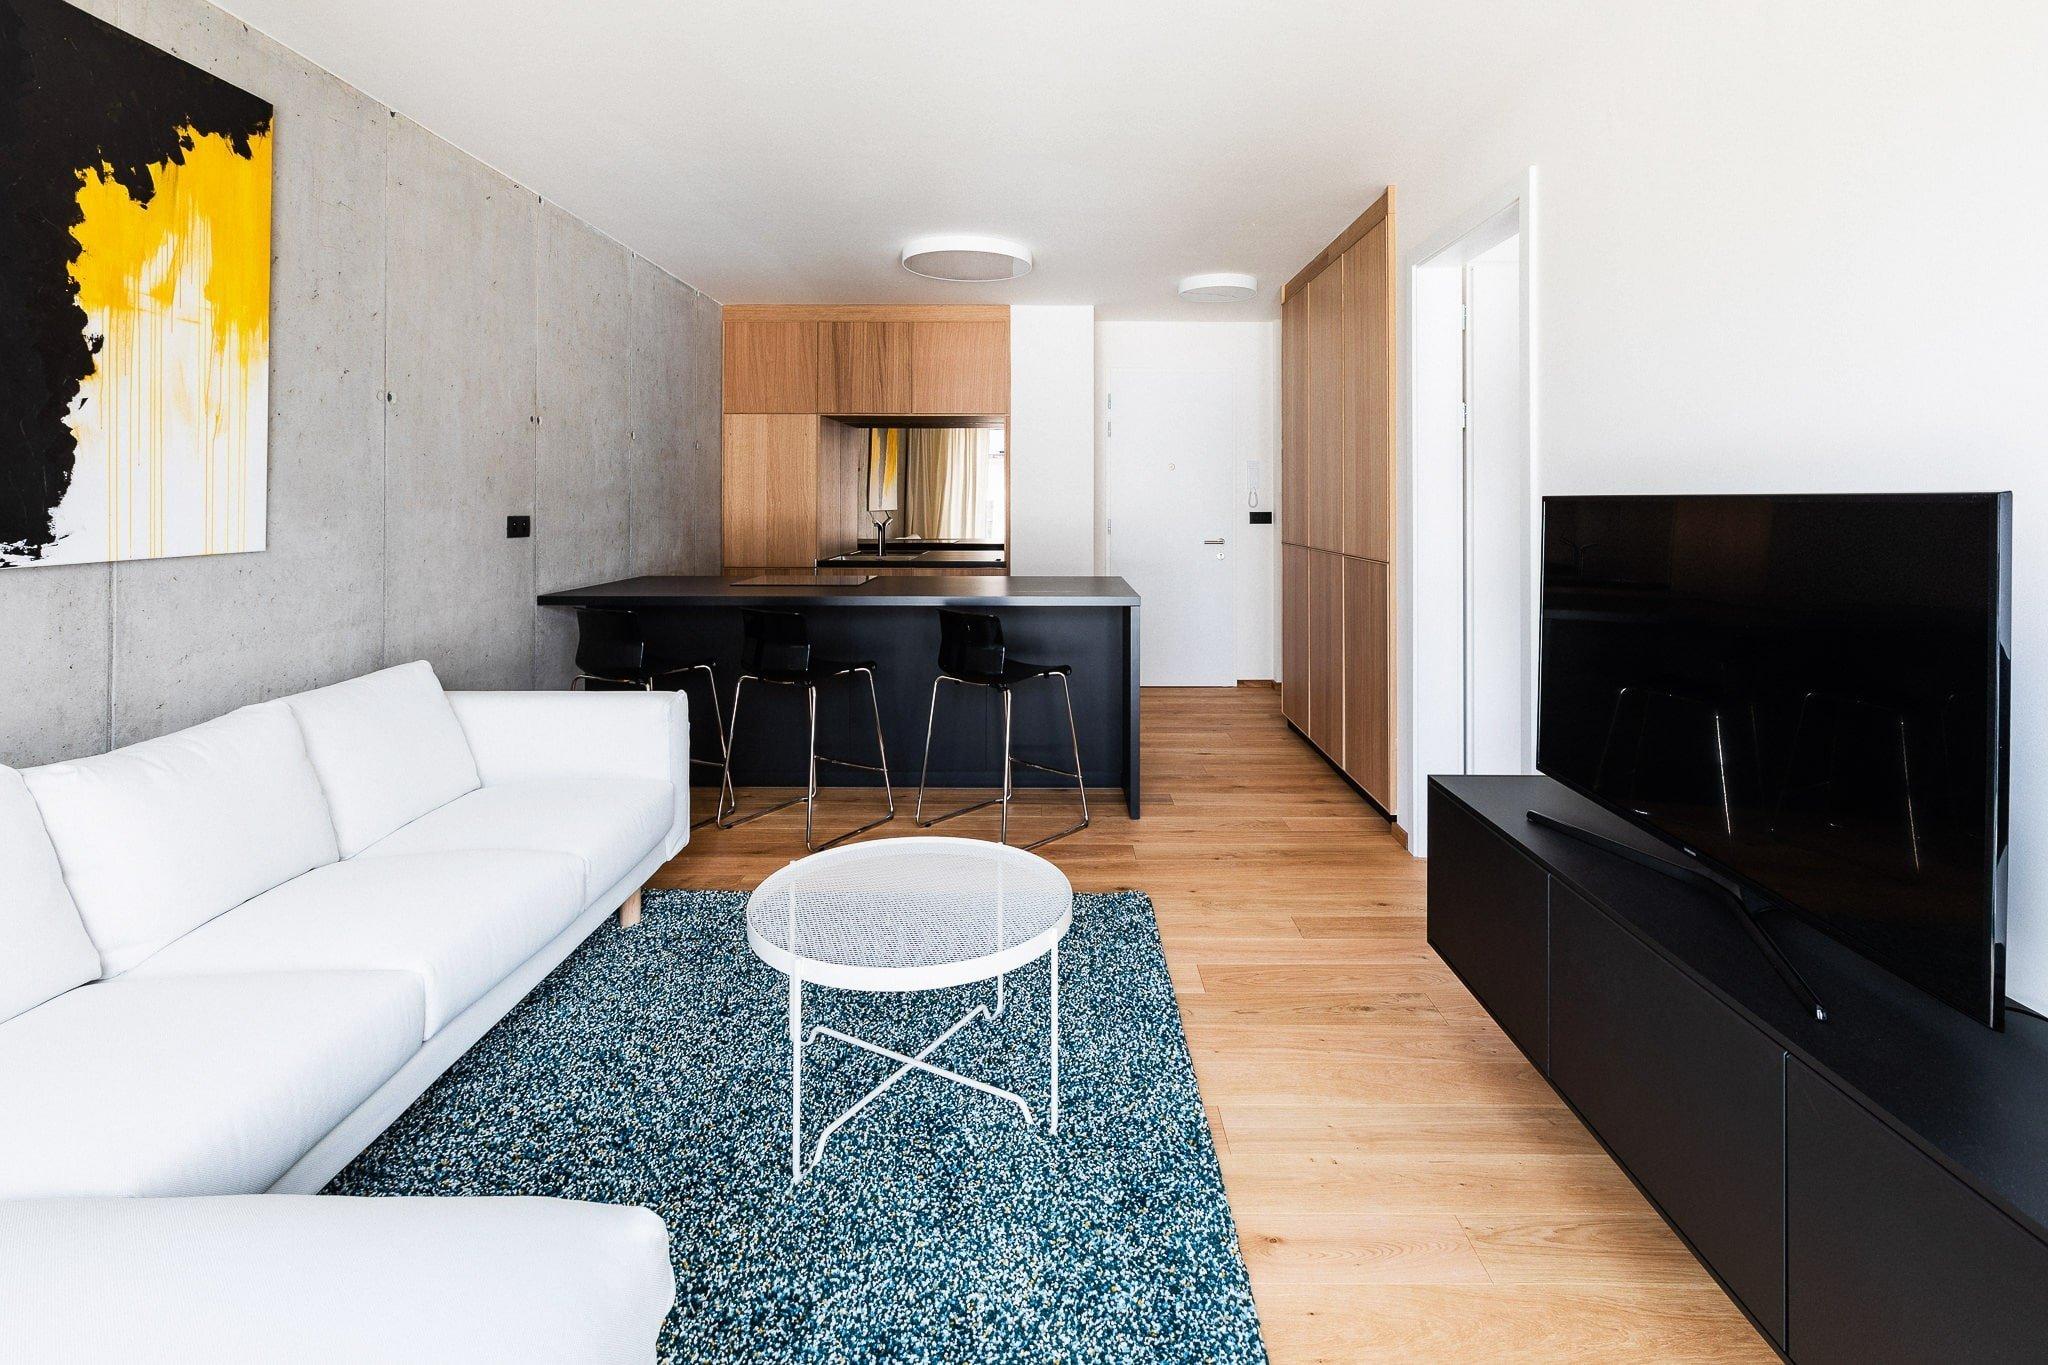 Architekti musí při navrhování téměř vždy dělat kompromisy mezi požadavky majitelů a vlastními představami, do kterých ještě vstupují technická omezení budov. Při tomto návrhu bylo výhodou, že architekt pracoval s bytem již od první skici bytového domu, který sám navrhoval.